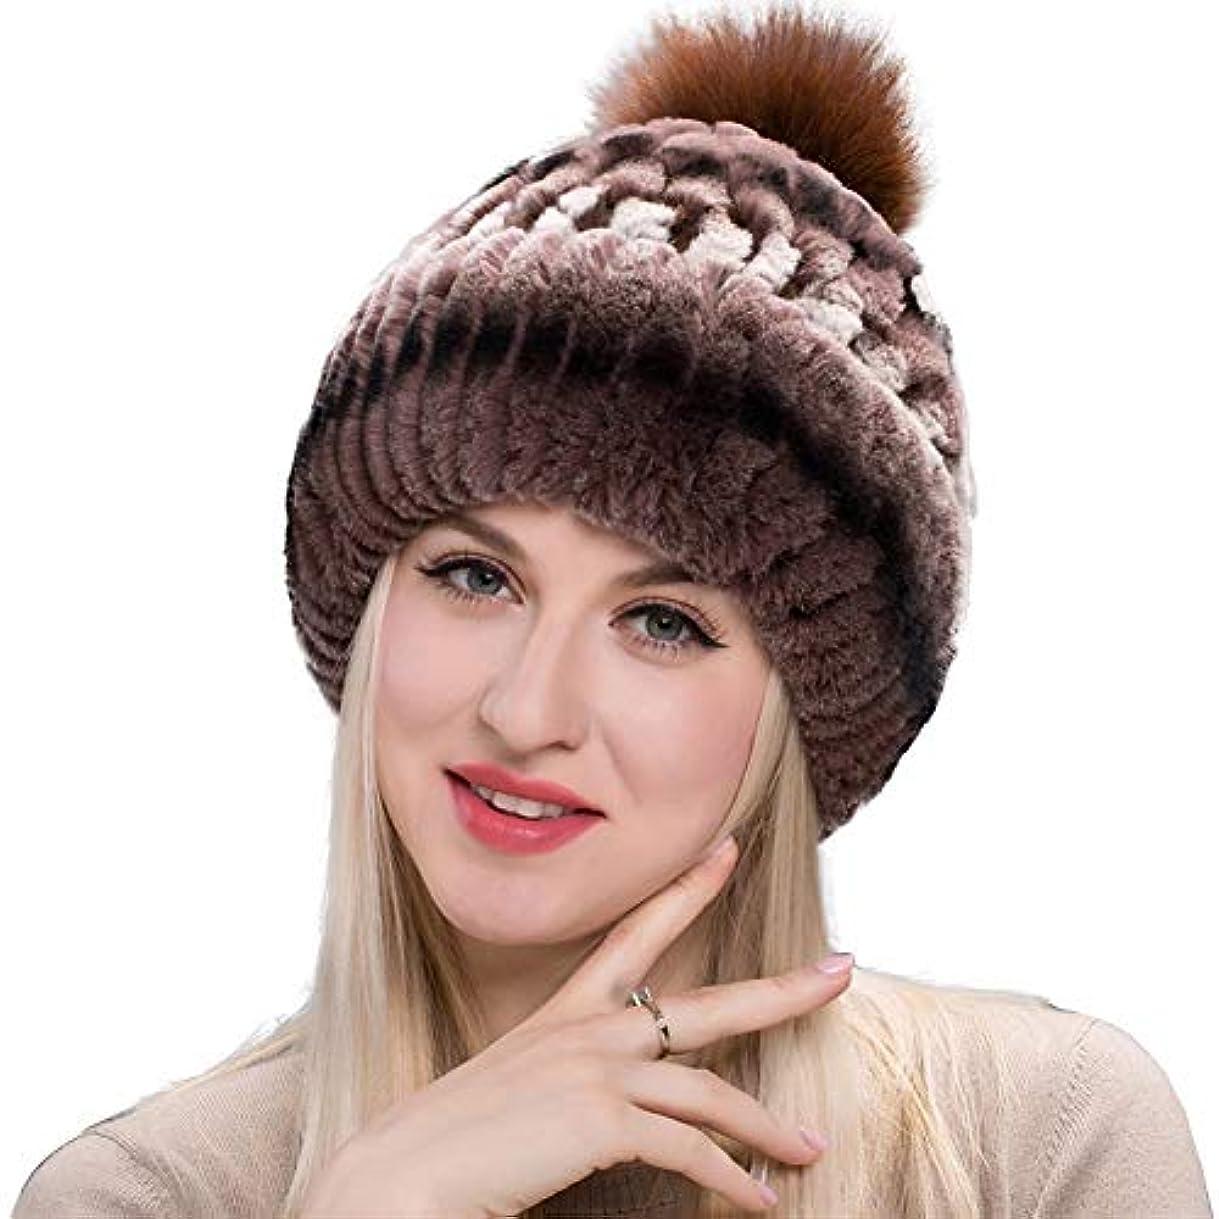 家禽骨折ファイアルACAO さんの秋と冬のファッションウサギの毛皮の草さん暖かいニット帽キツネの毛皮の帽子包頭のイヤーキャップ (色 : Coffee ridge, Size : L)